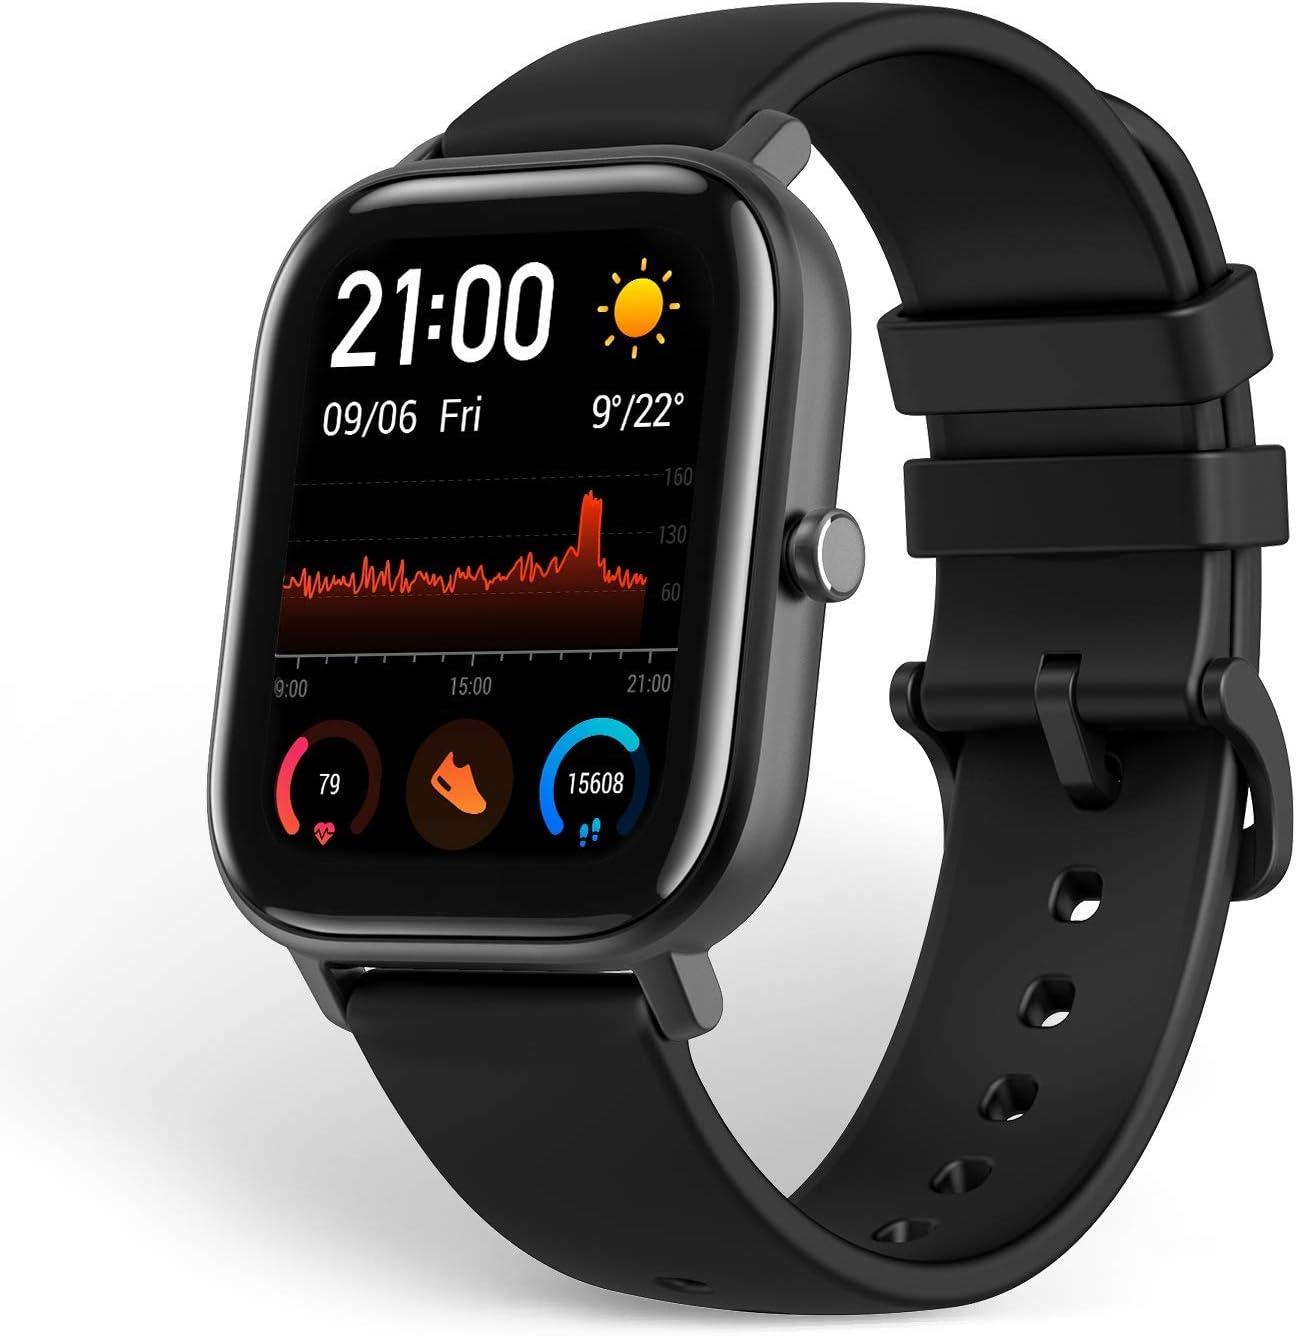 Amazfit GTS Reloj Smartwactch Deportivo | 14 días Batería | GPS+Glonass | Sensor Seguimiento Biológico BioTracker™ PPG | Frecuencia Cardíaca | Natación | Bluetooth 5.0 (iOS & Android) Negro